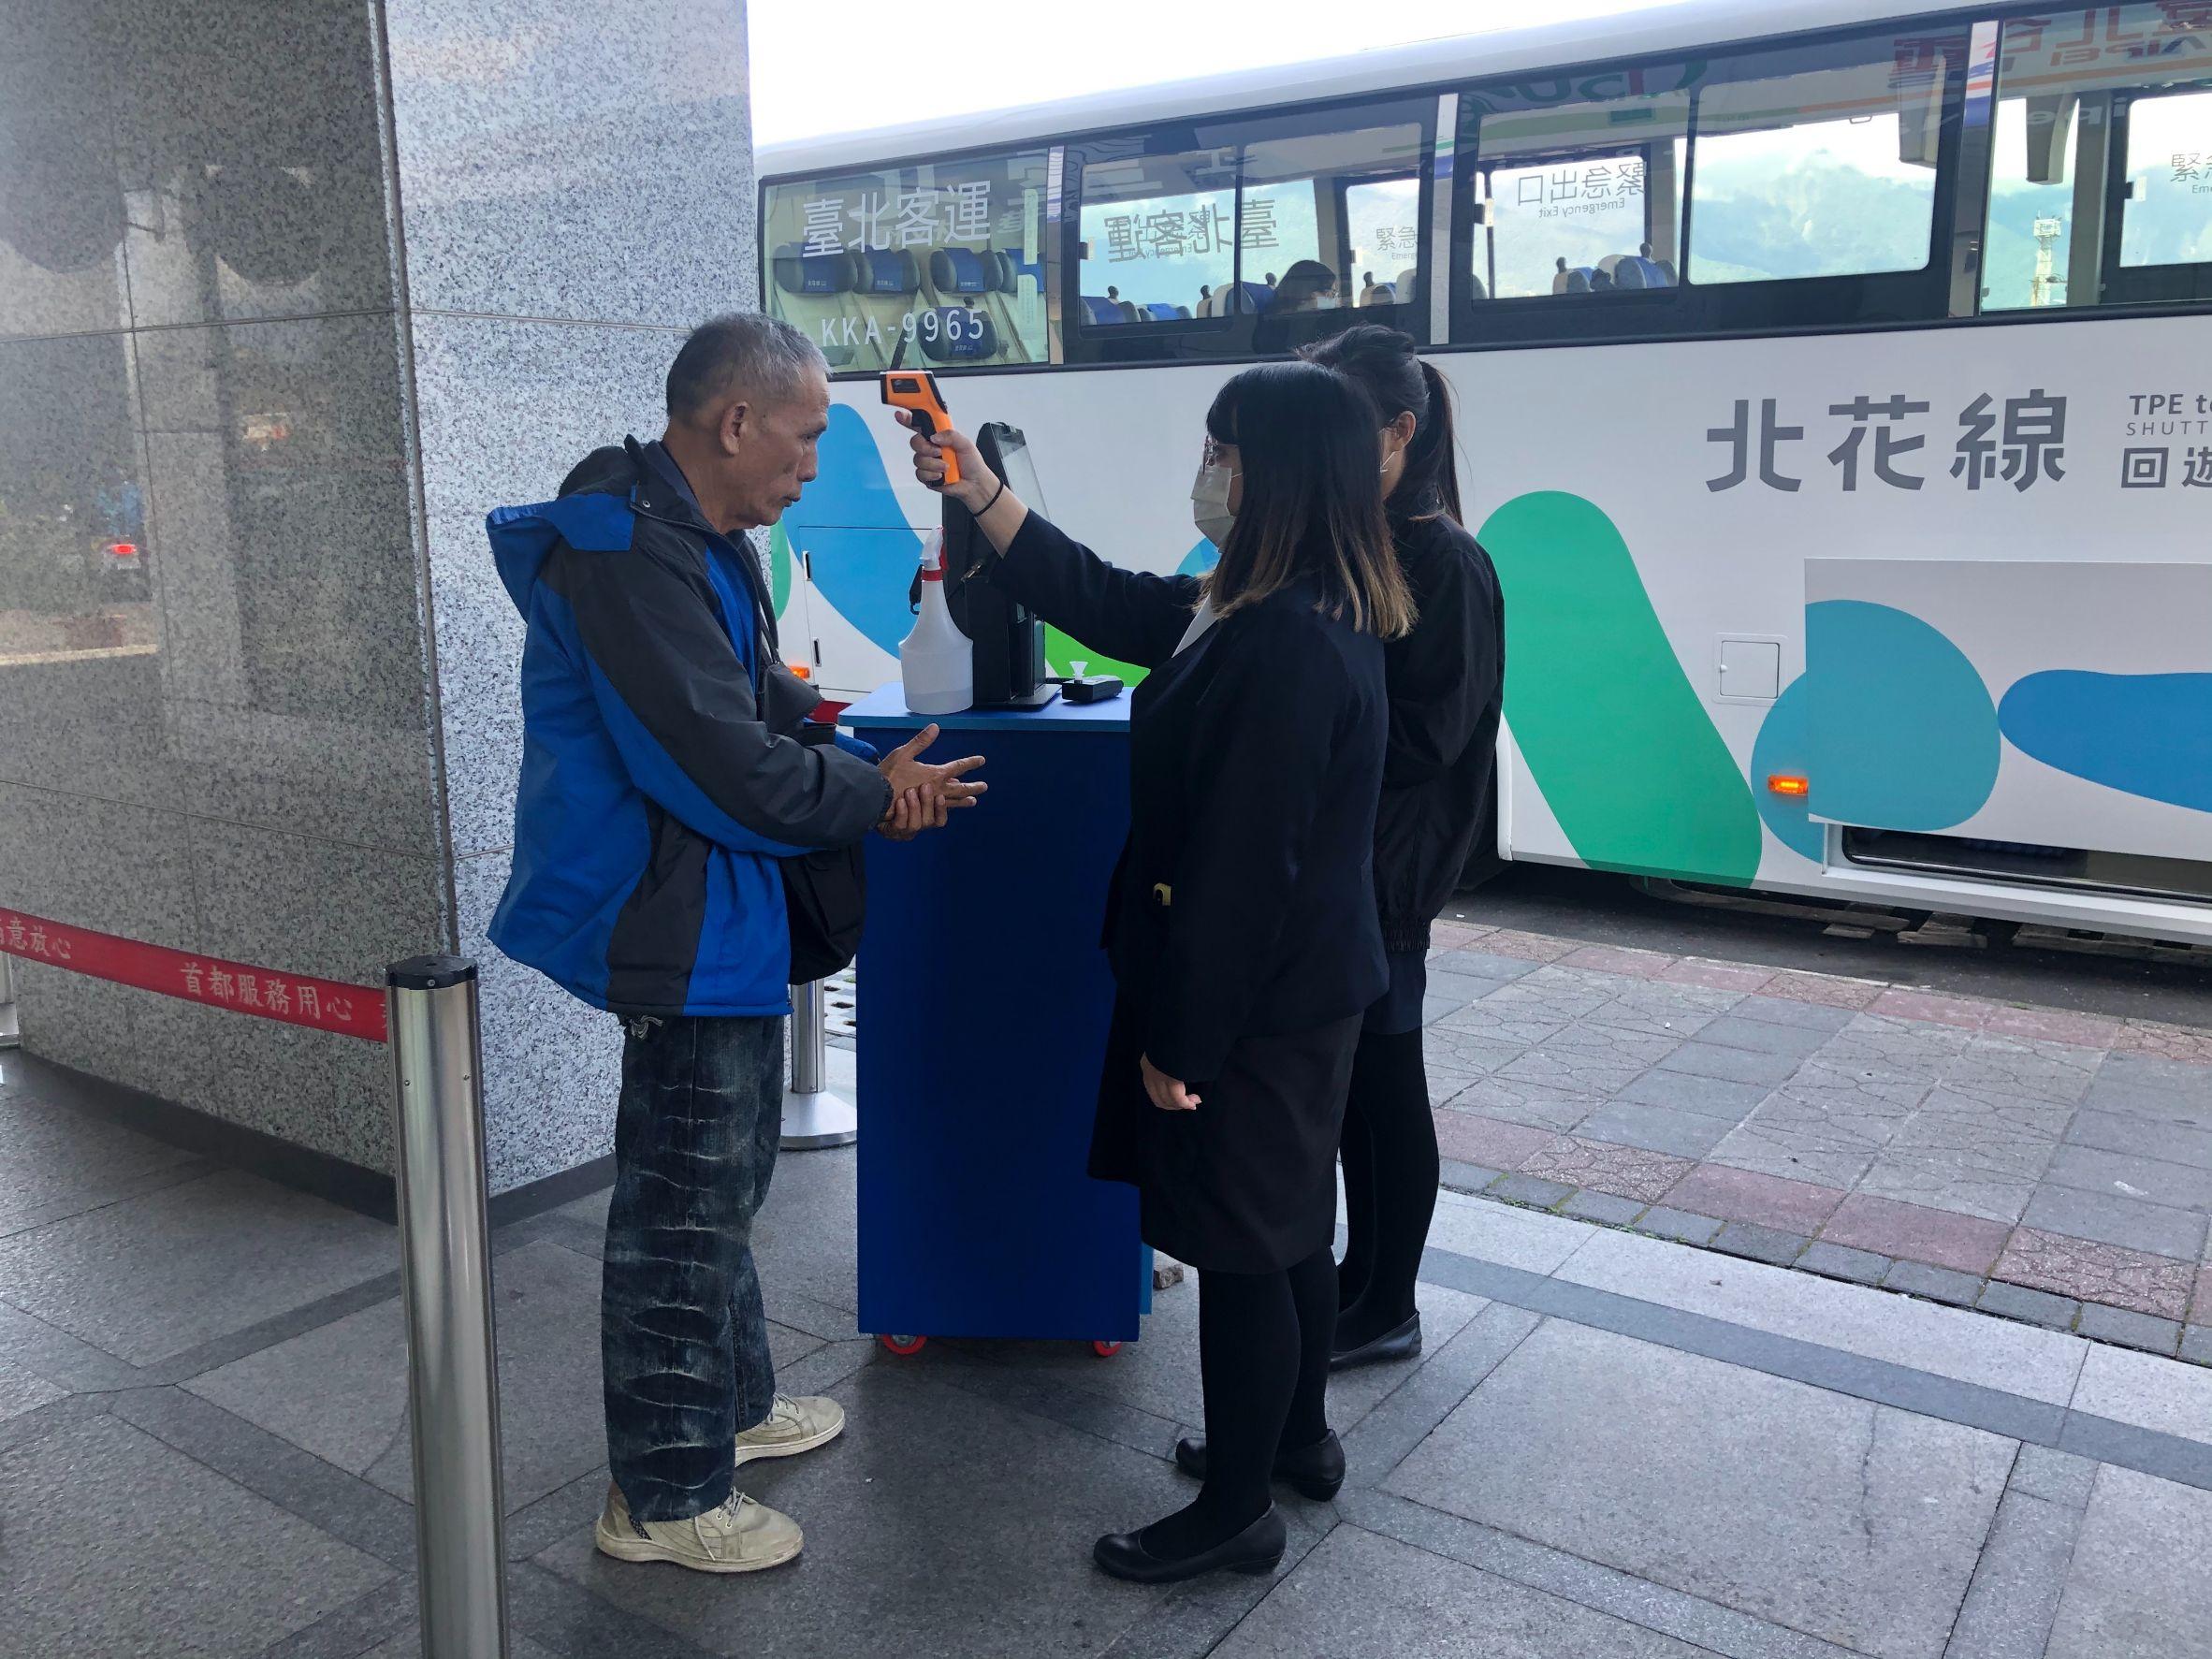 公共運輸防疫-業者確認旅客額溫並進行酒精消毒。